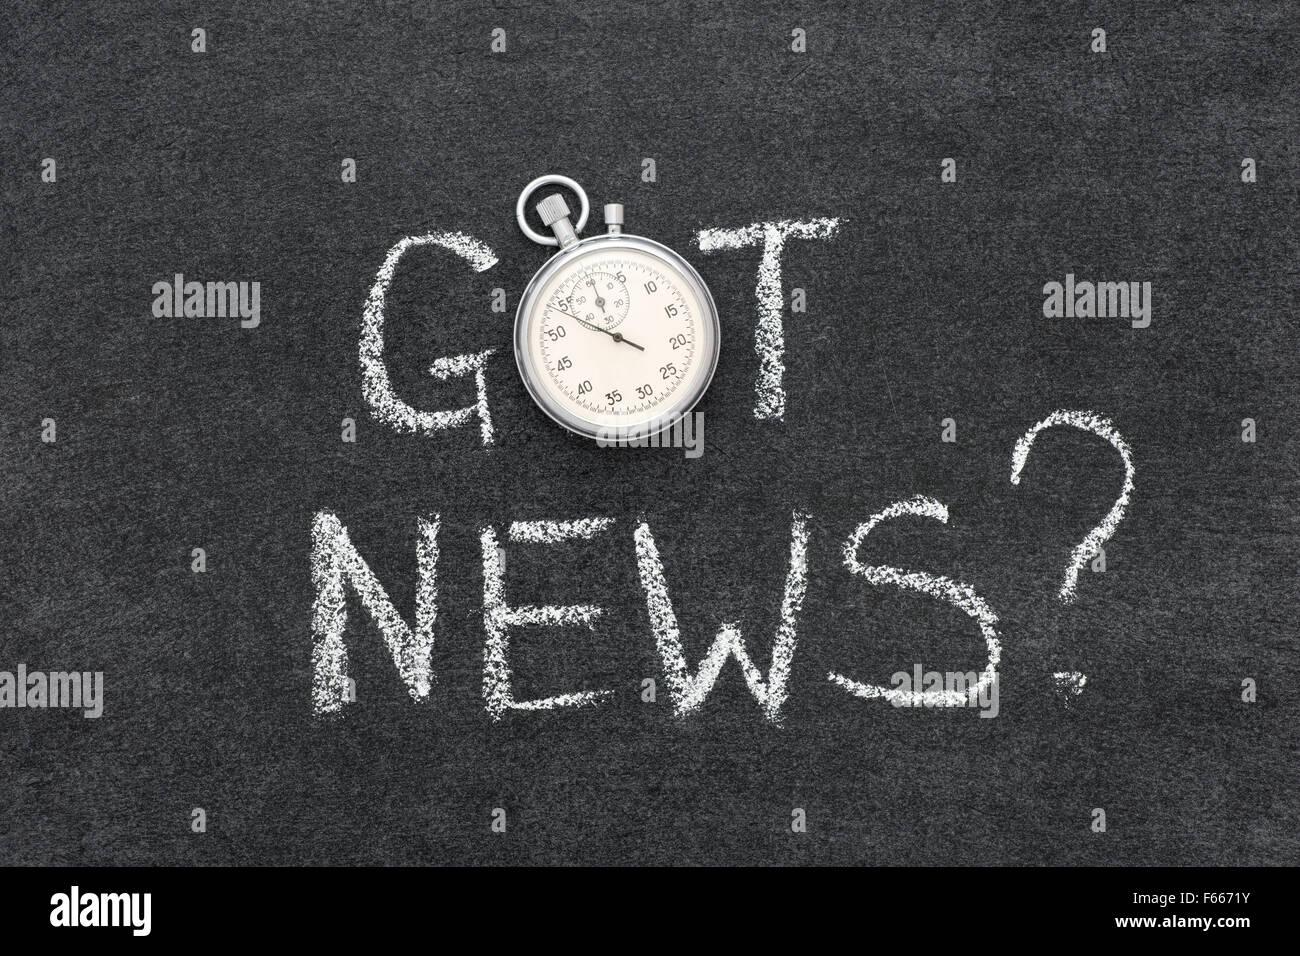 haben Sie Nachrichten Frage handschriftlich auf Tafel mit Vintage präzise Stoppuhr verwendet anstelle von O Stockbild